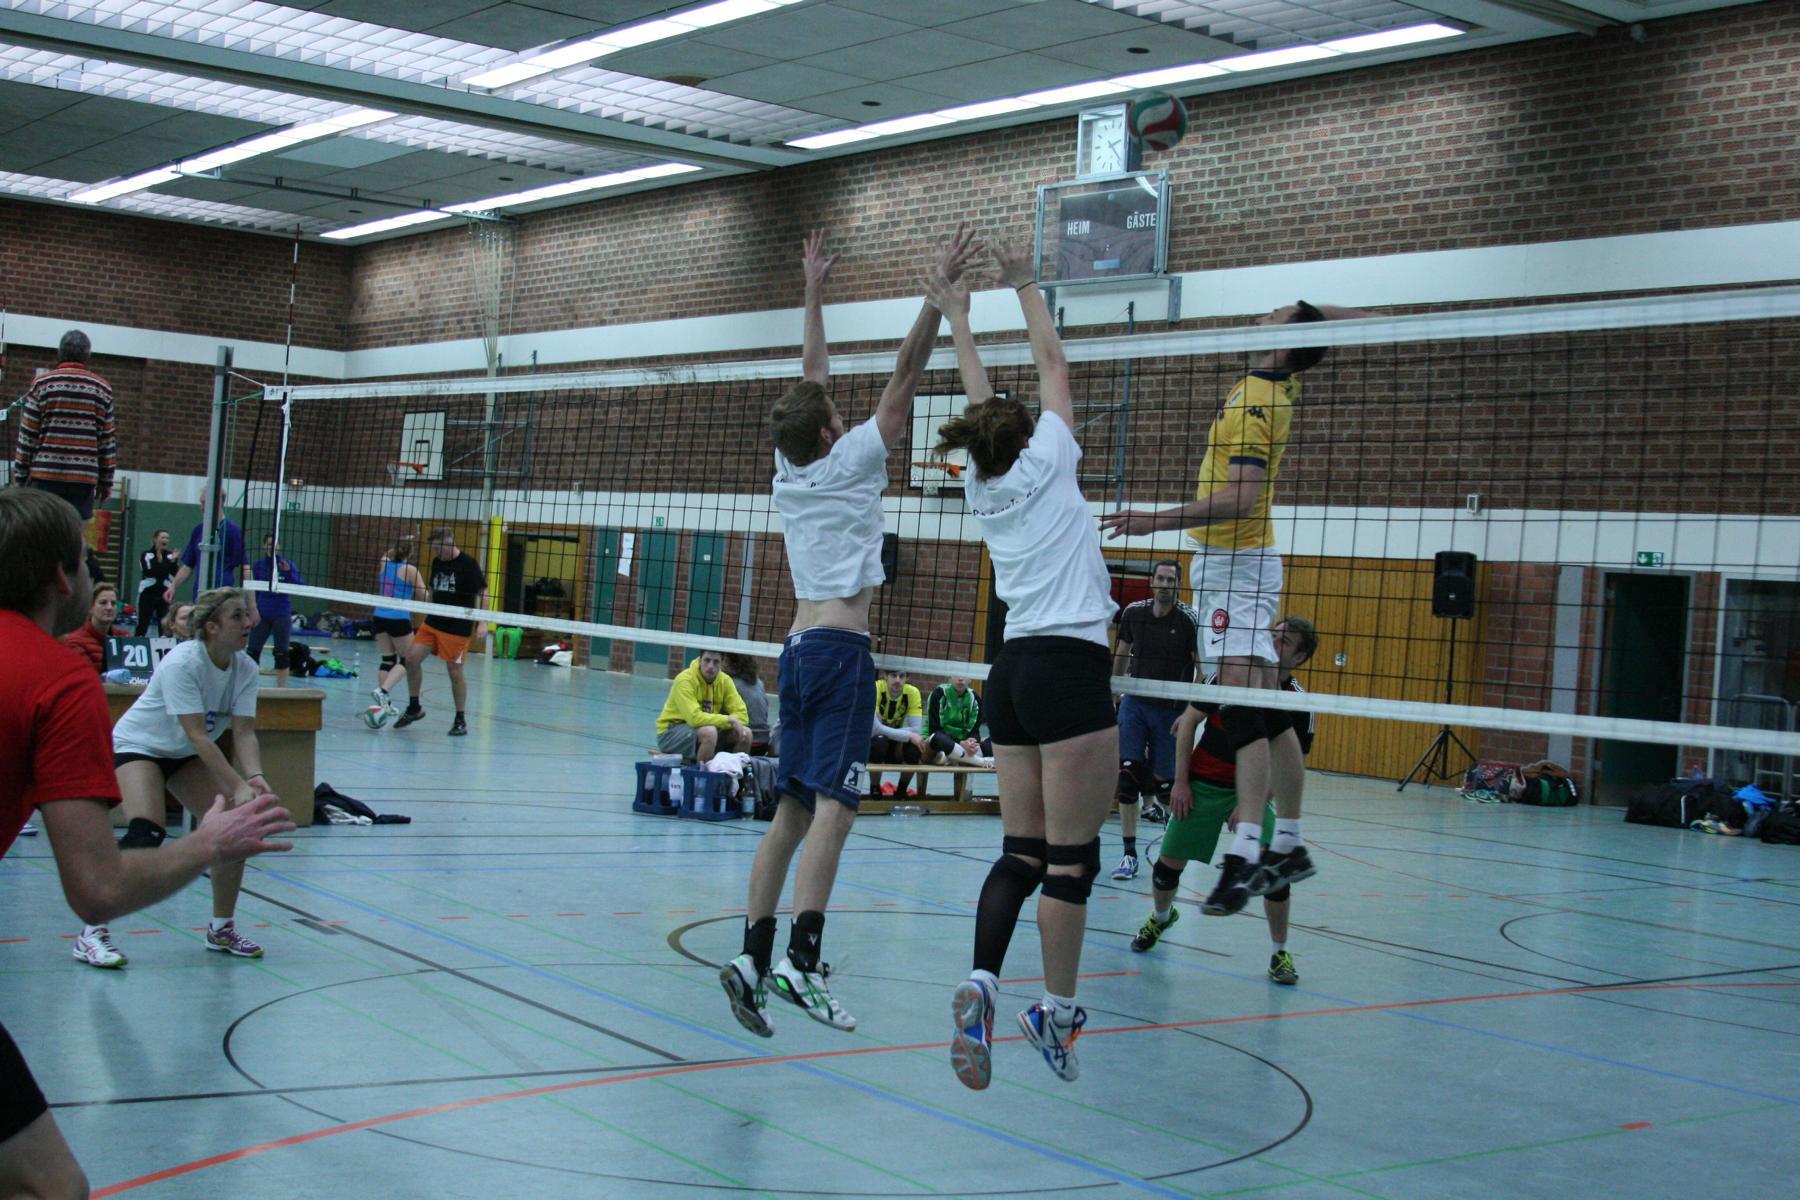 Das Bild zeigt eine Volleyballspielszene vom Neuhjahresturnier 2015.